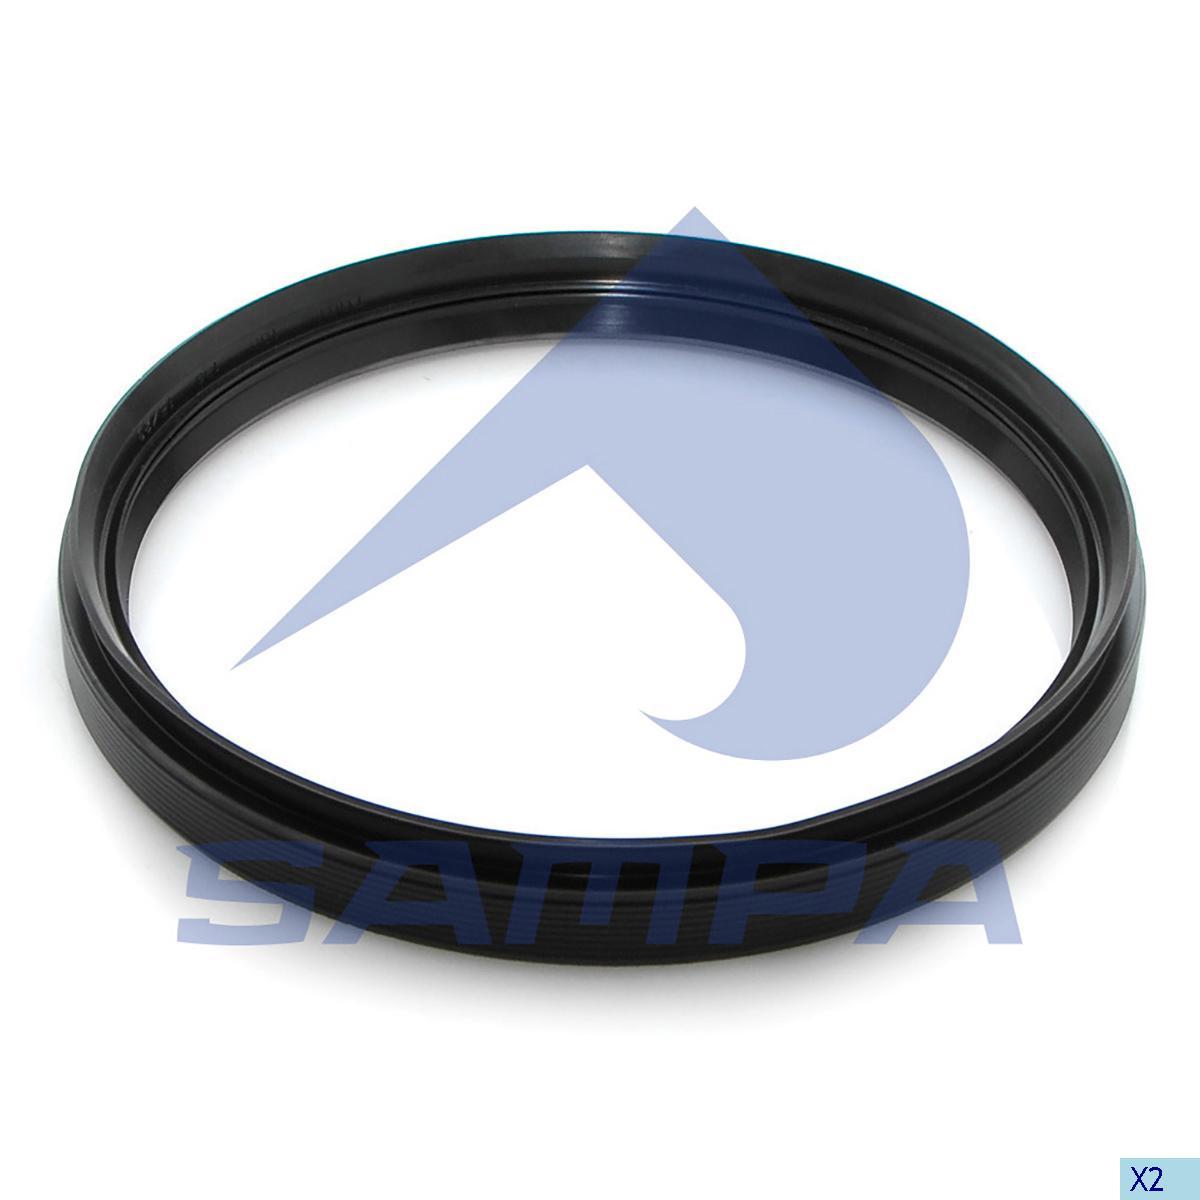 Seal Ring, Bogie Suspension, Iveco, Suspension